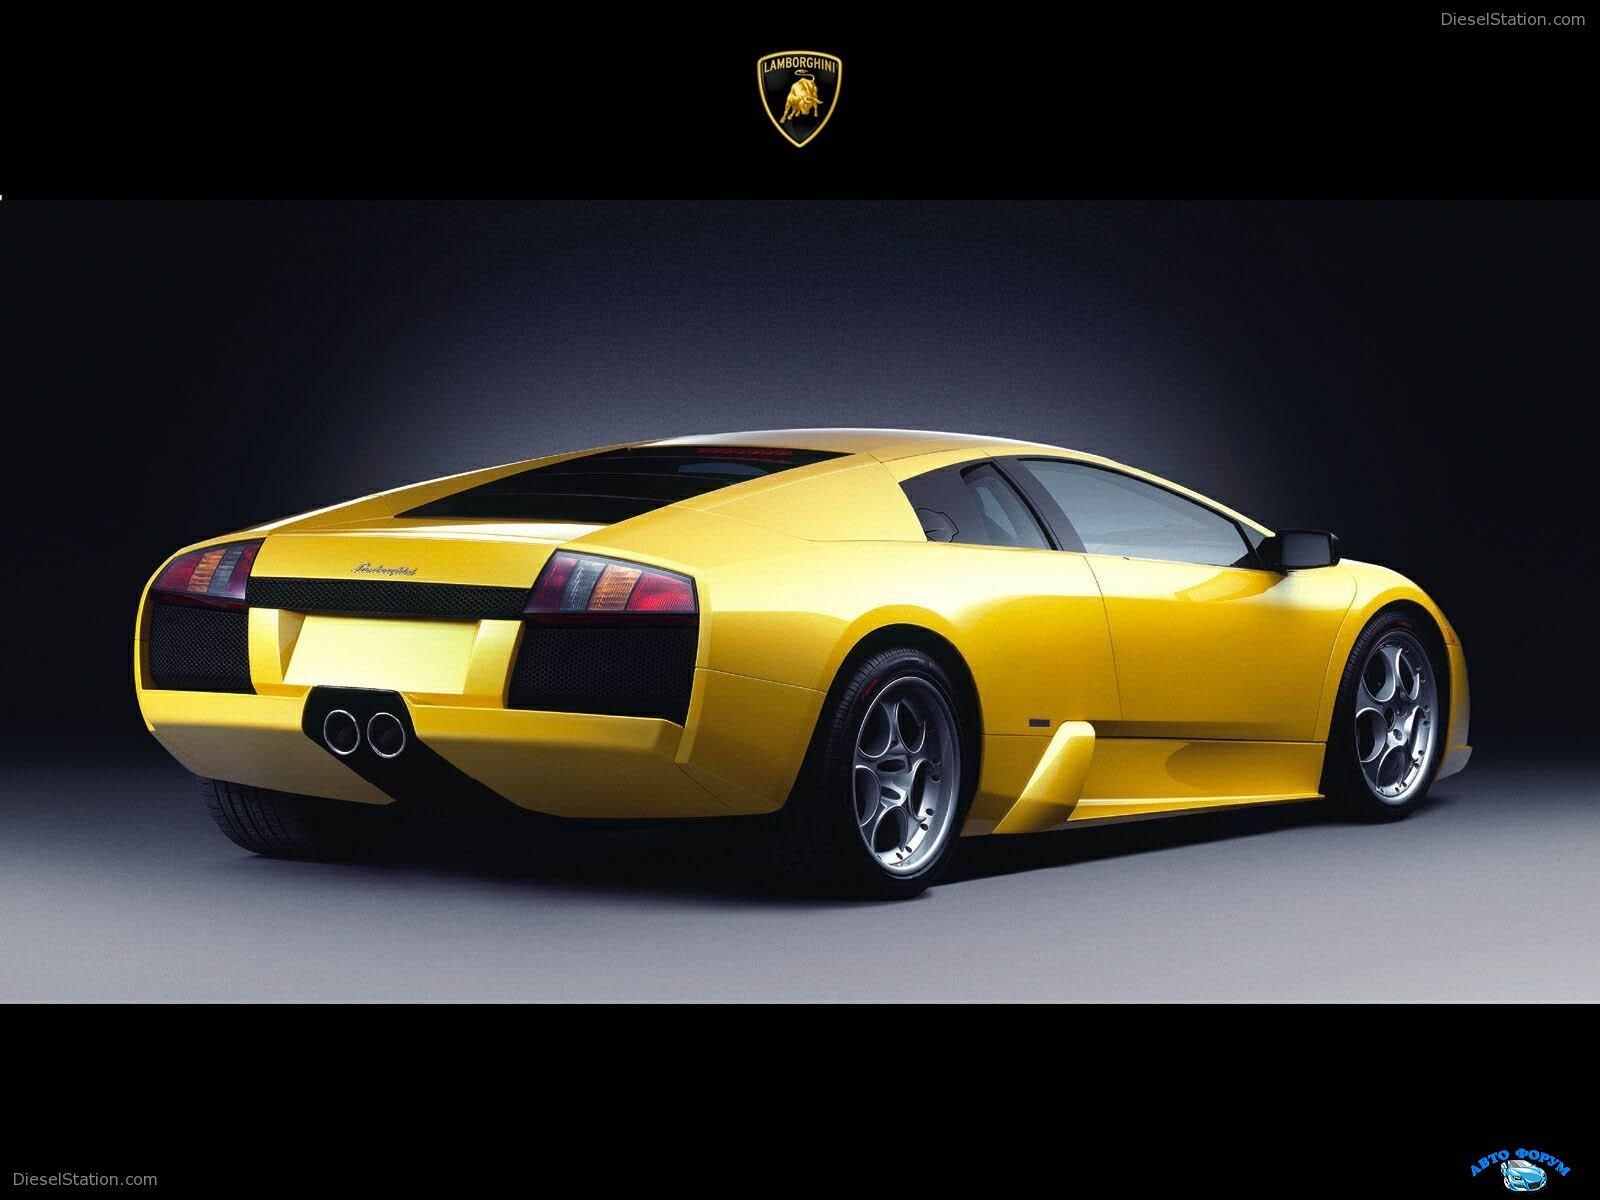 Lamborghini-Murcielago-006.jpg